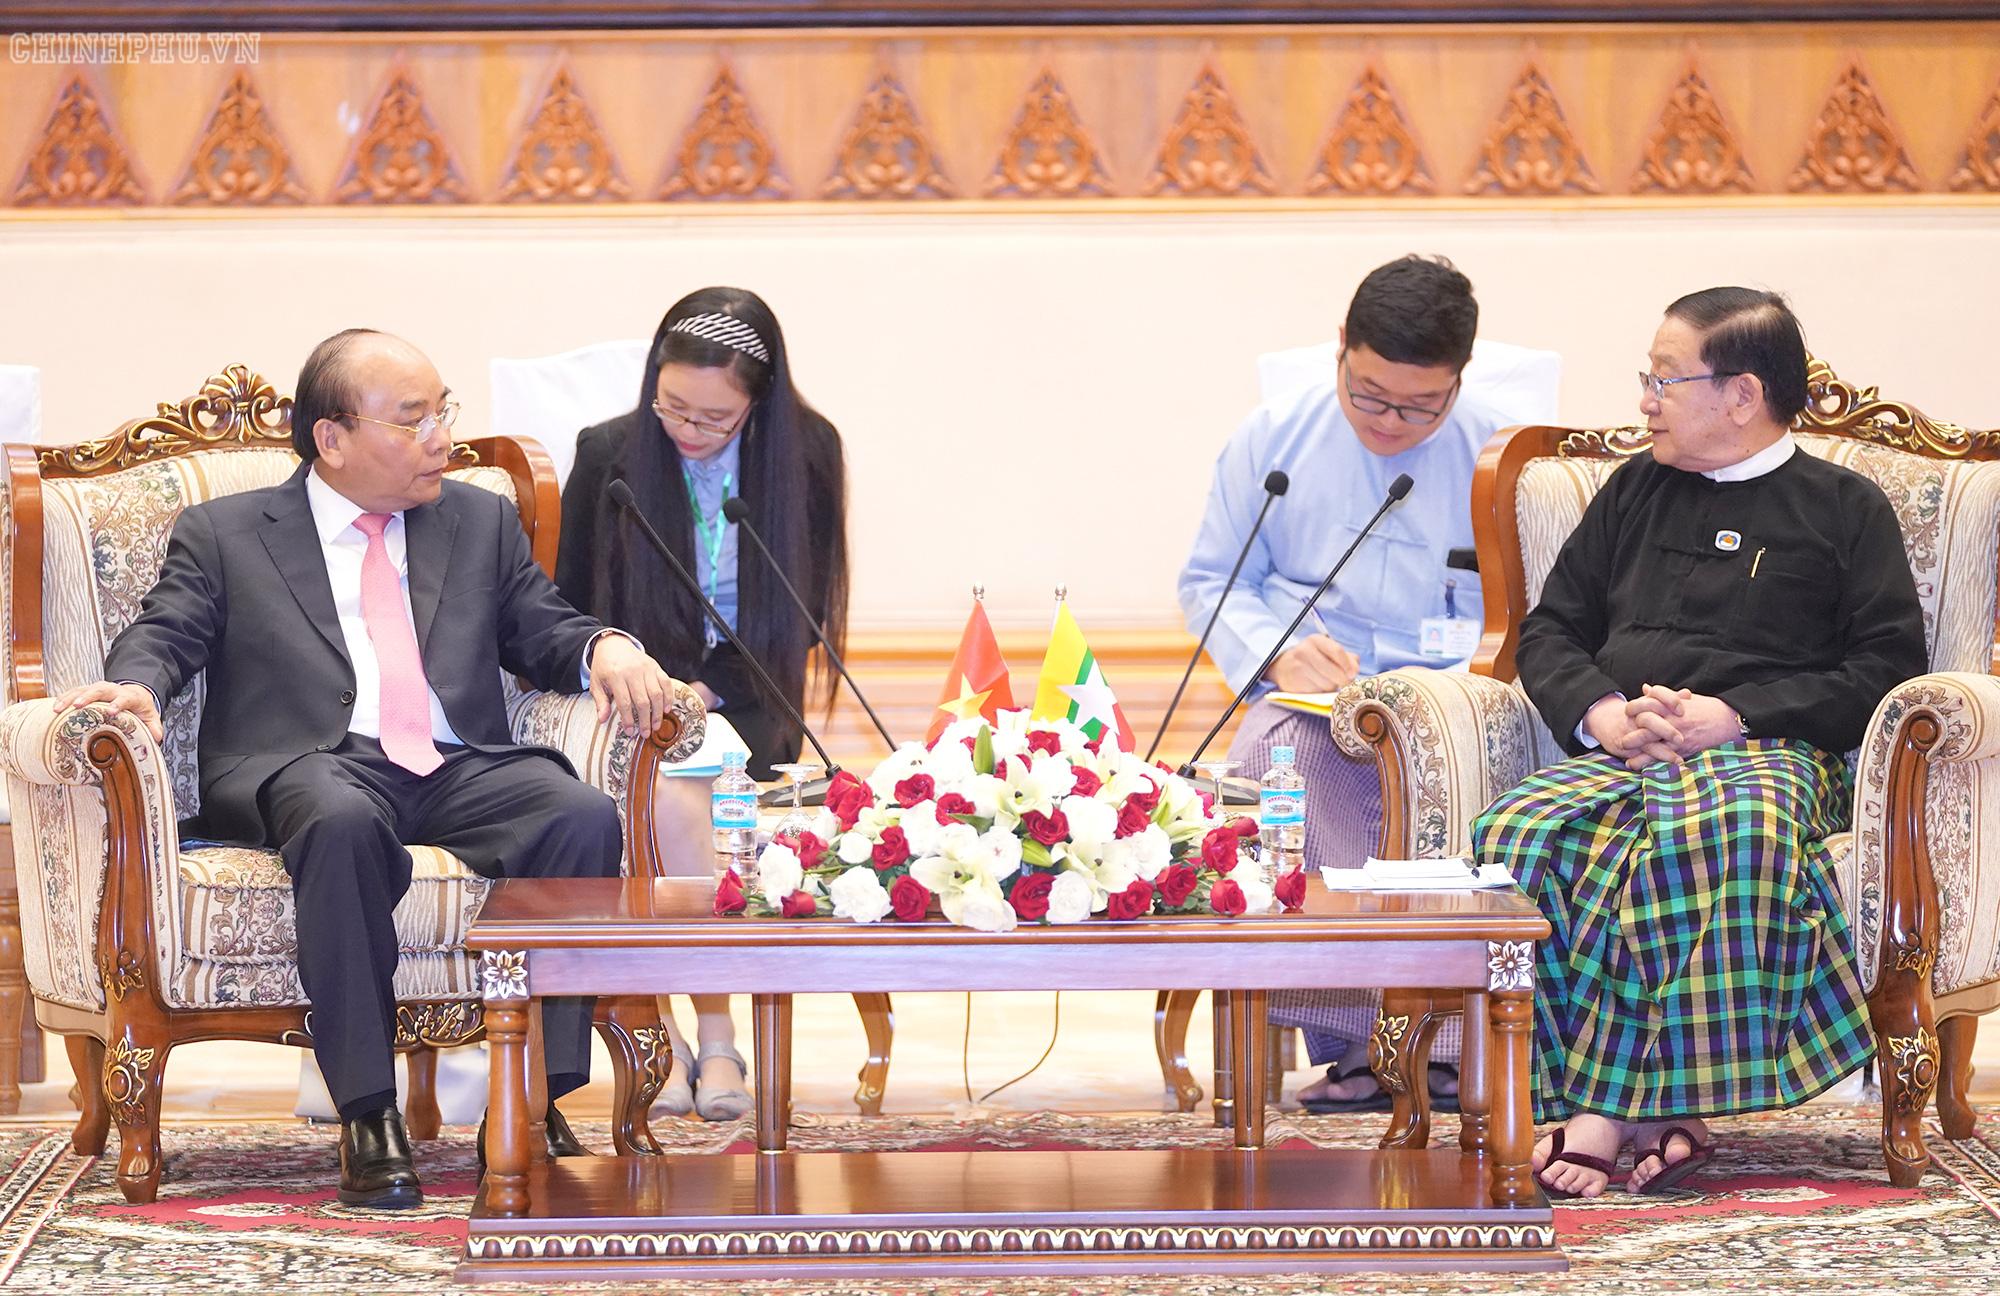 Chủ tịch Quốc hội Myanmar mong muốn Việt Nam chia sẻ kinh nghiệm phát triển kinh tế - Ảnh 1.